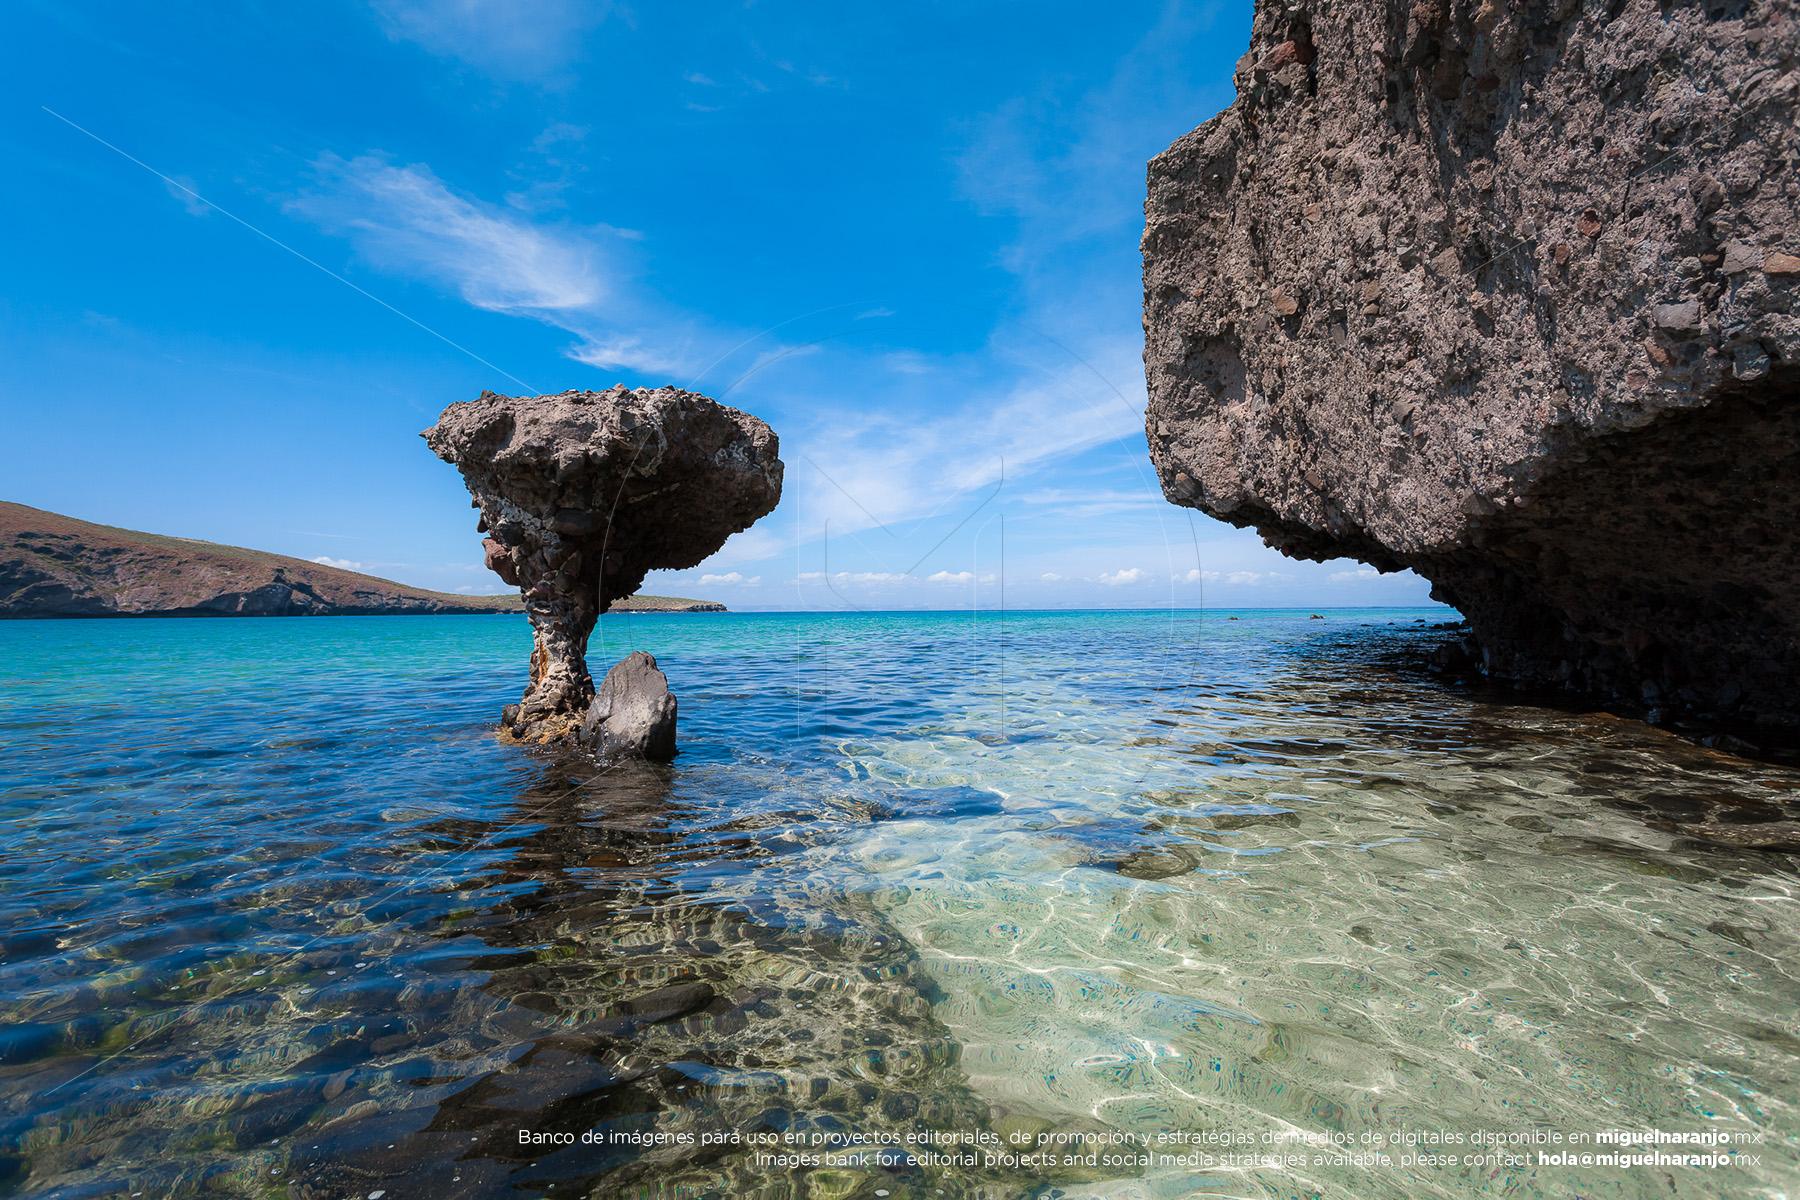 El Hongo en Playa Balandra, La Paz, Baja California Sur